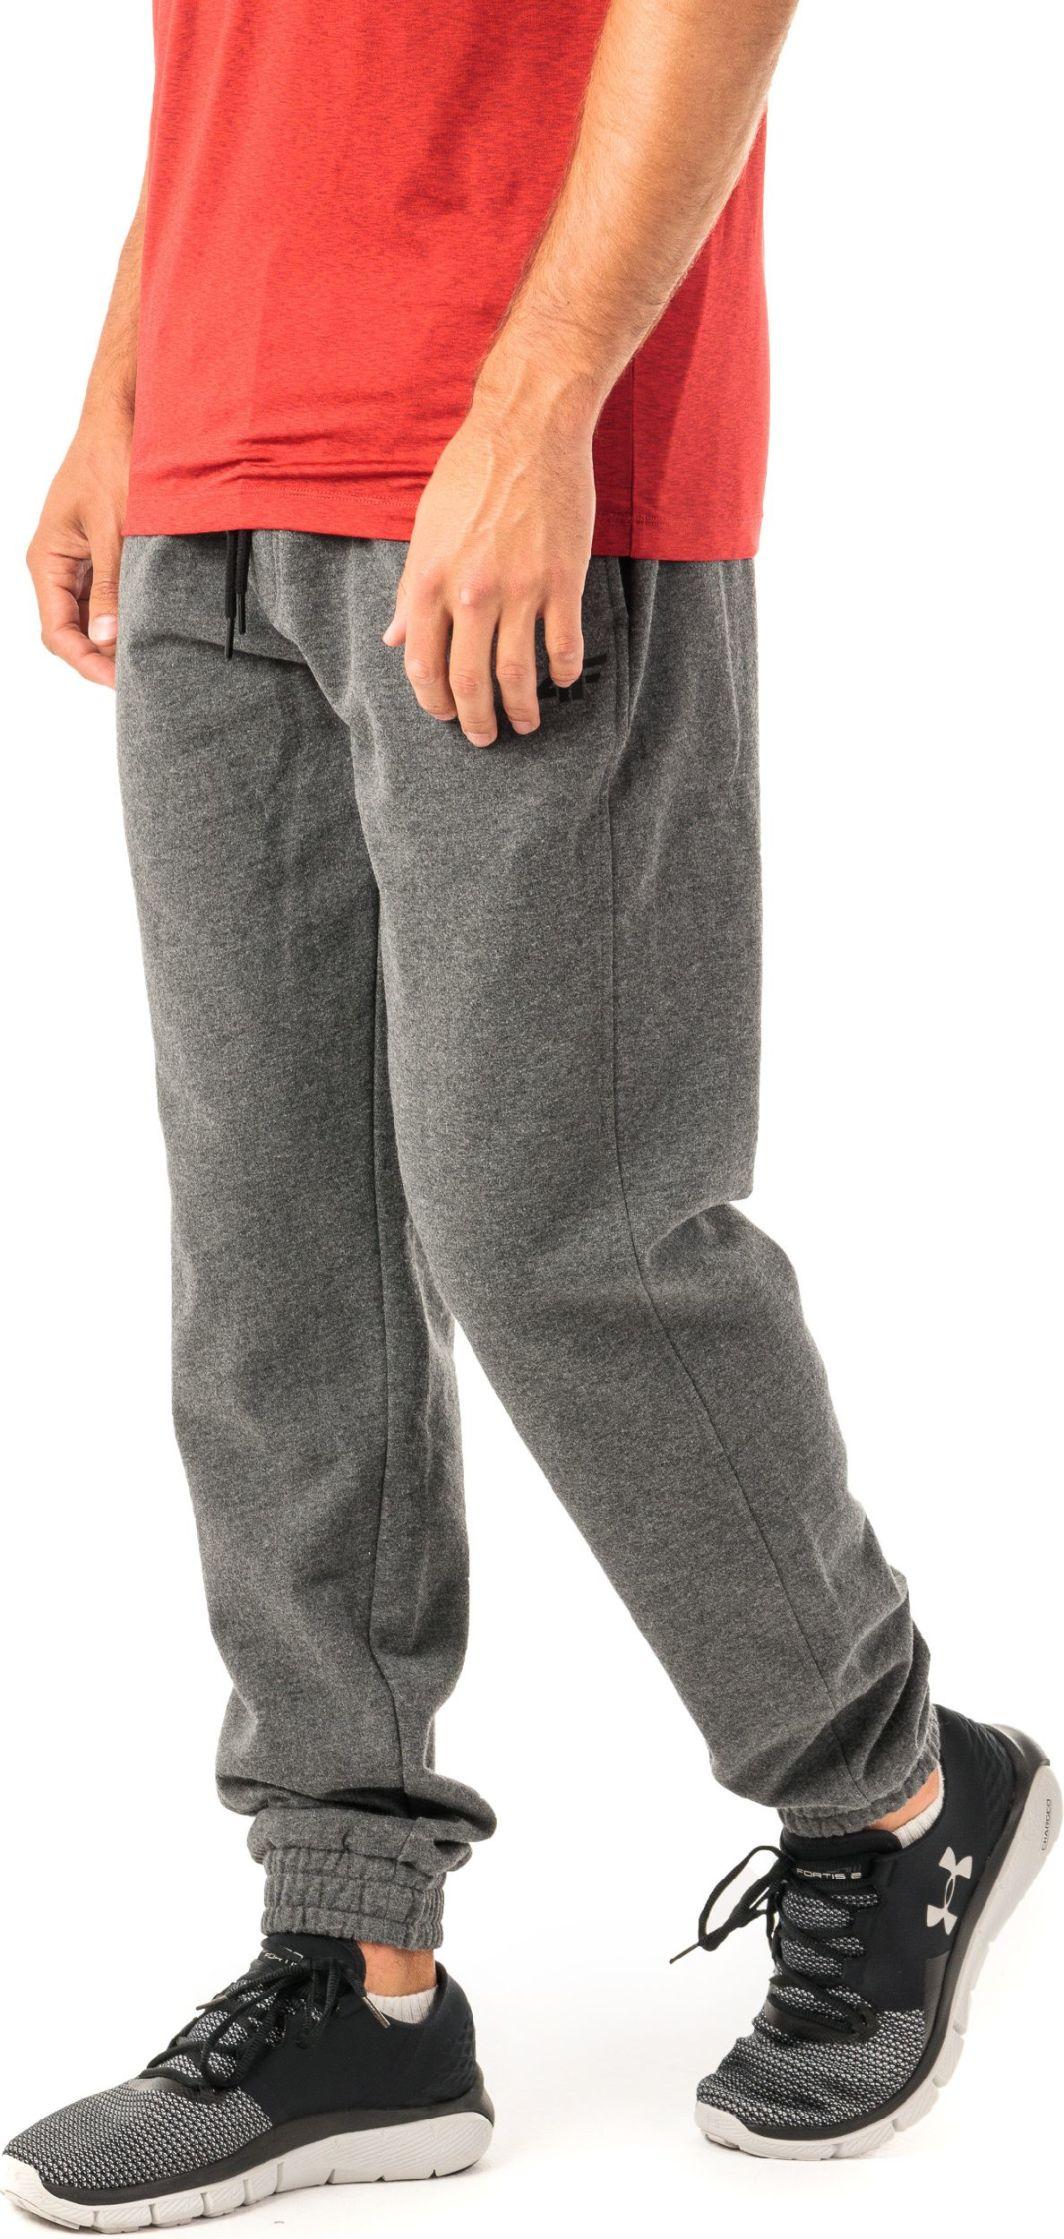 4f Spodnie męskie H4Z18 SPMD001 szare r. XL ID produktu: 4586055